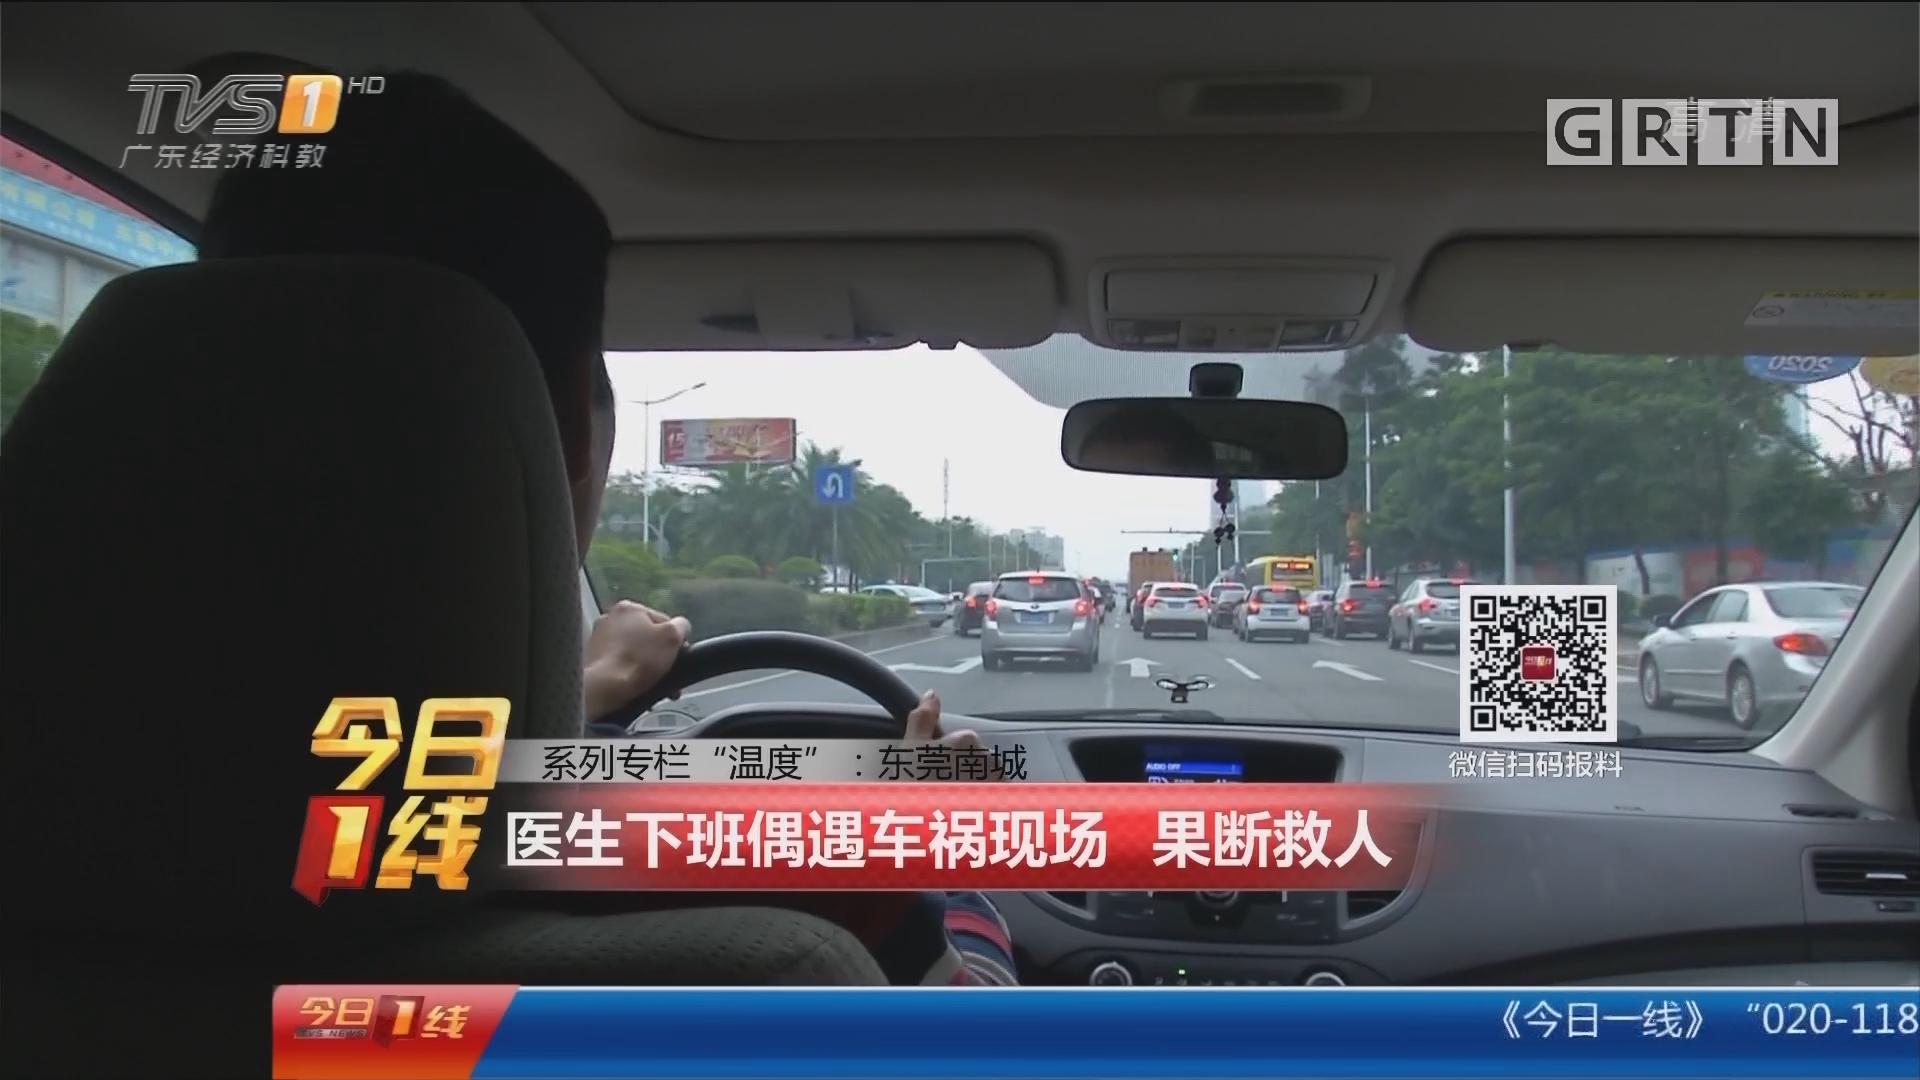 """系列专栏""""温度"""":东莞南城 医生下班偶遇车祸现场 果断救人"""